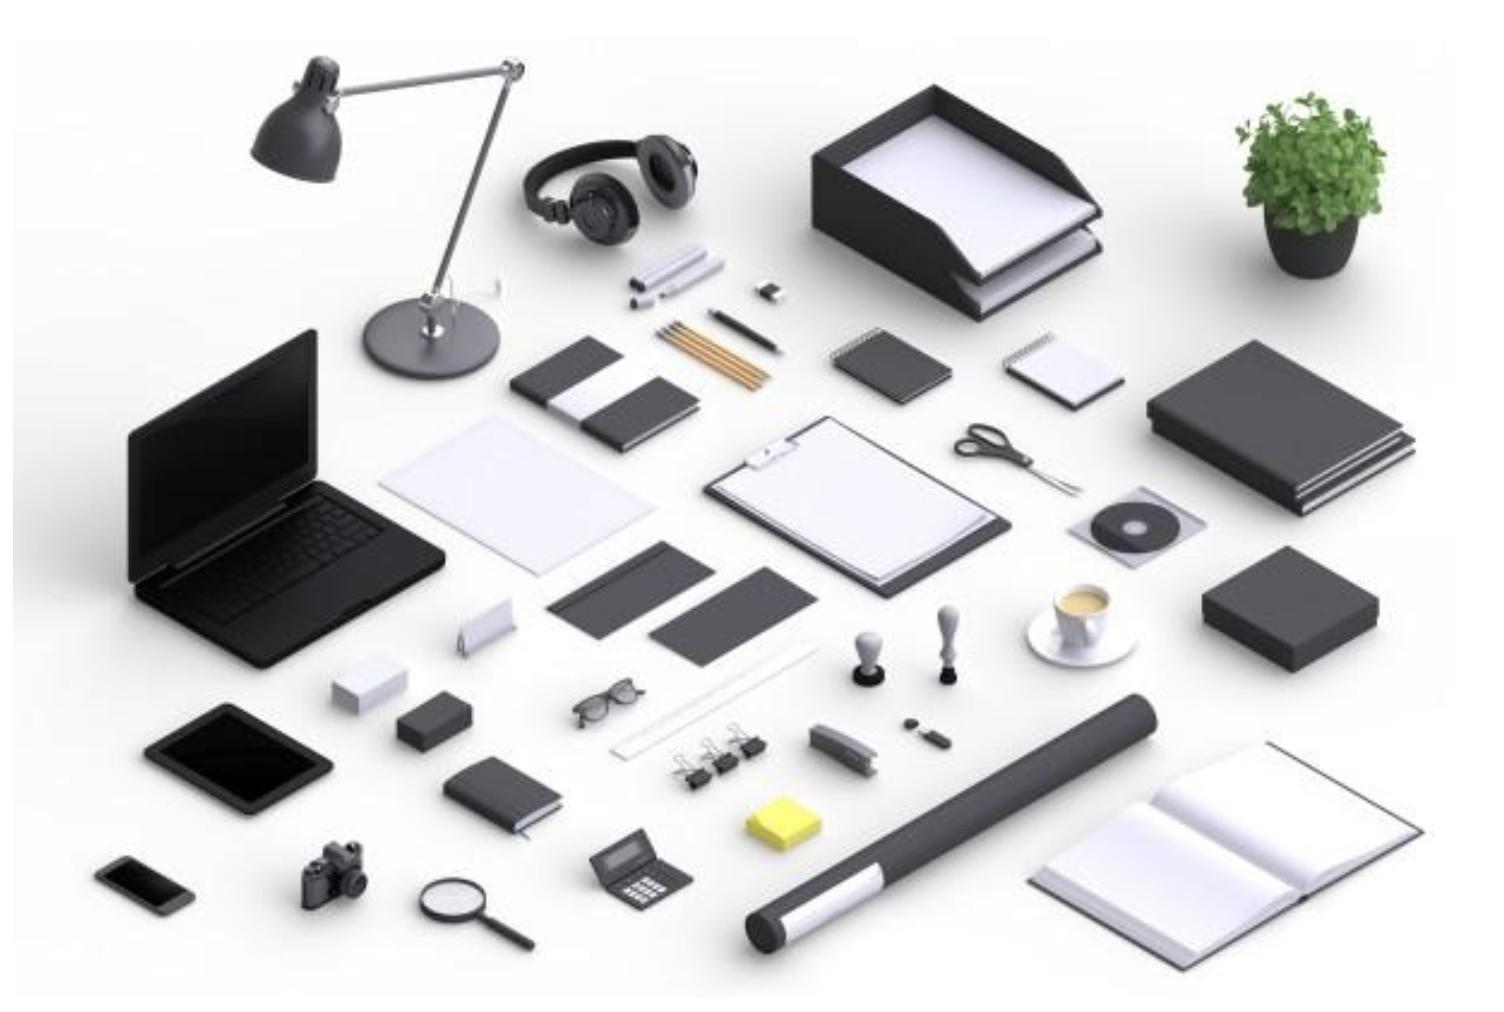 Un bureau avec de nombreux objets : ordinateurs, lampe, casque, cahiers de toutes tailles, lunettes, une plante, des crayons, etc.